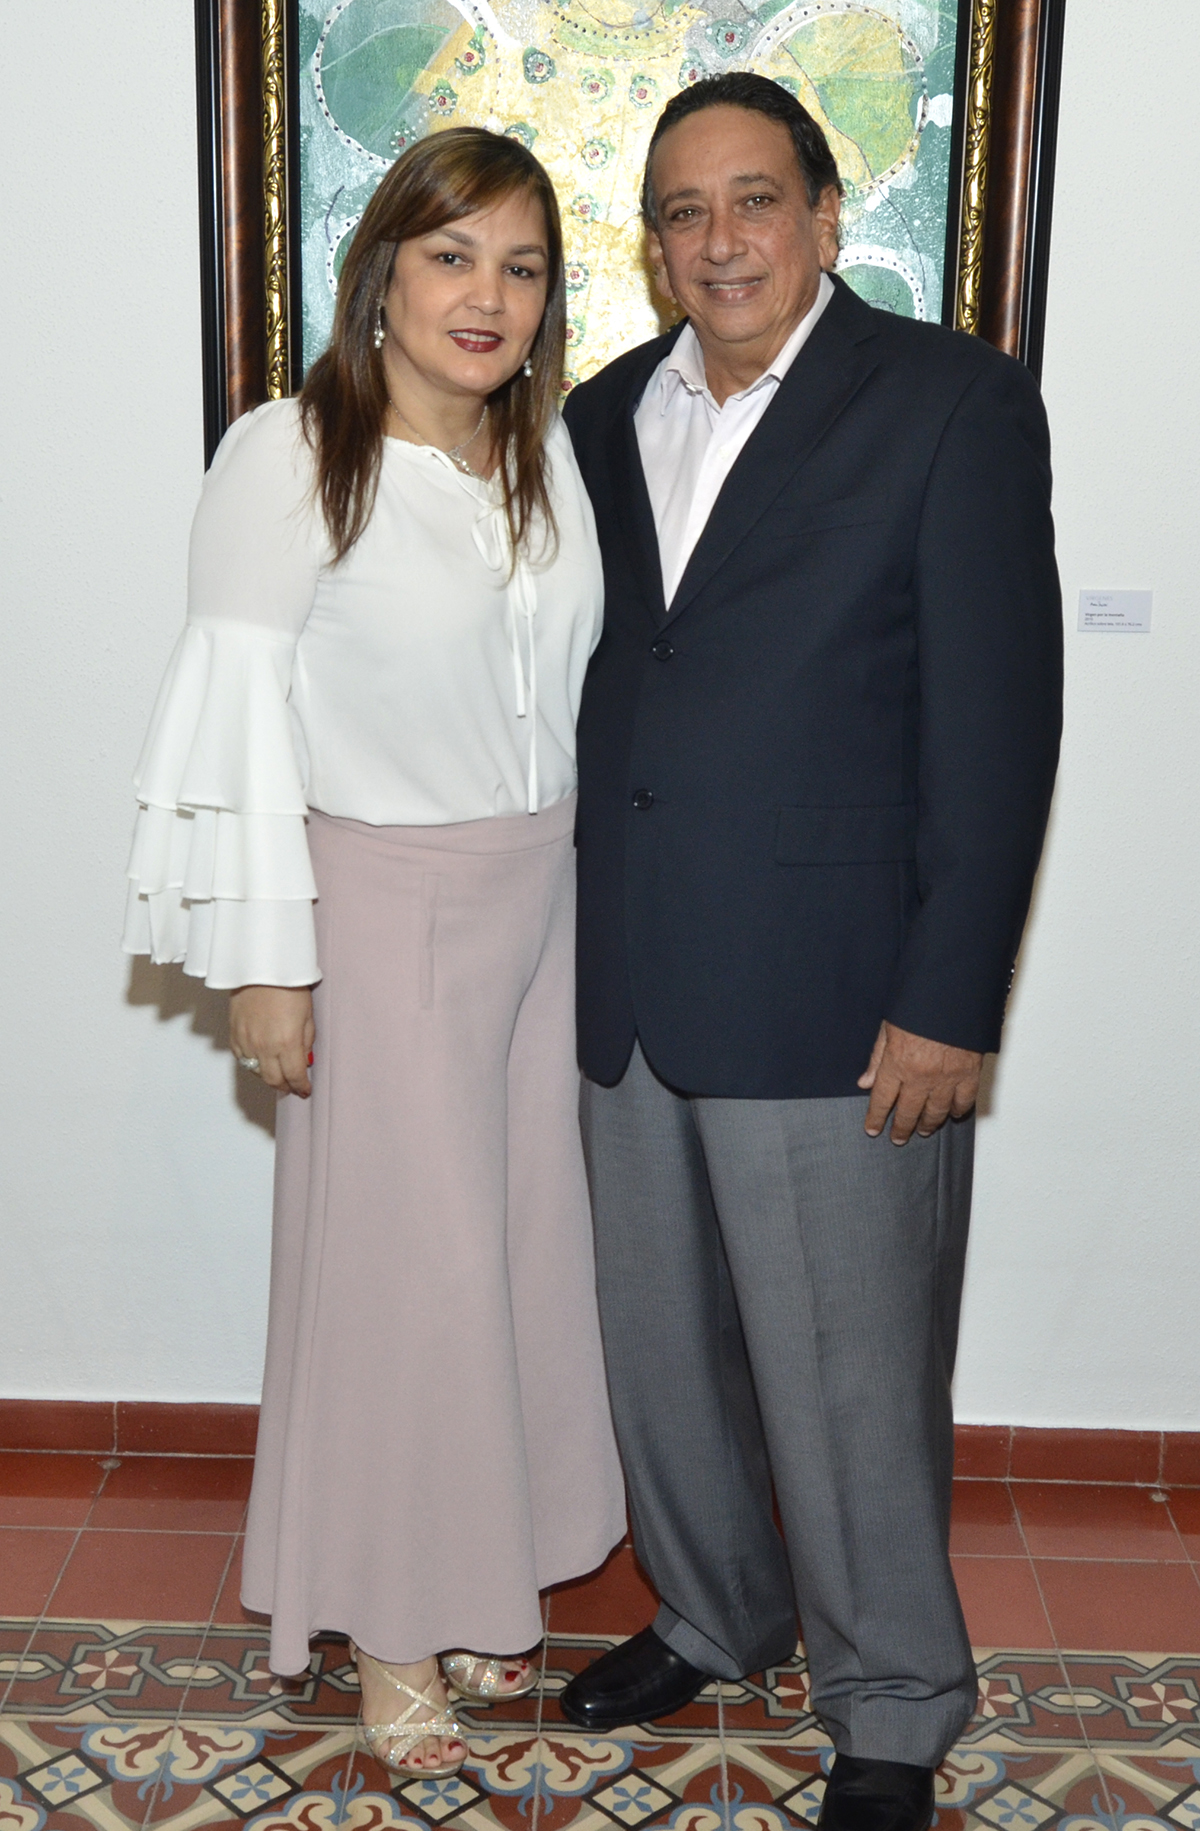 Foto 16 Maggy de Cury y Juan Cury.JPG